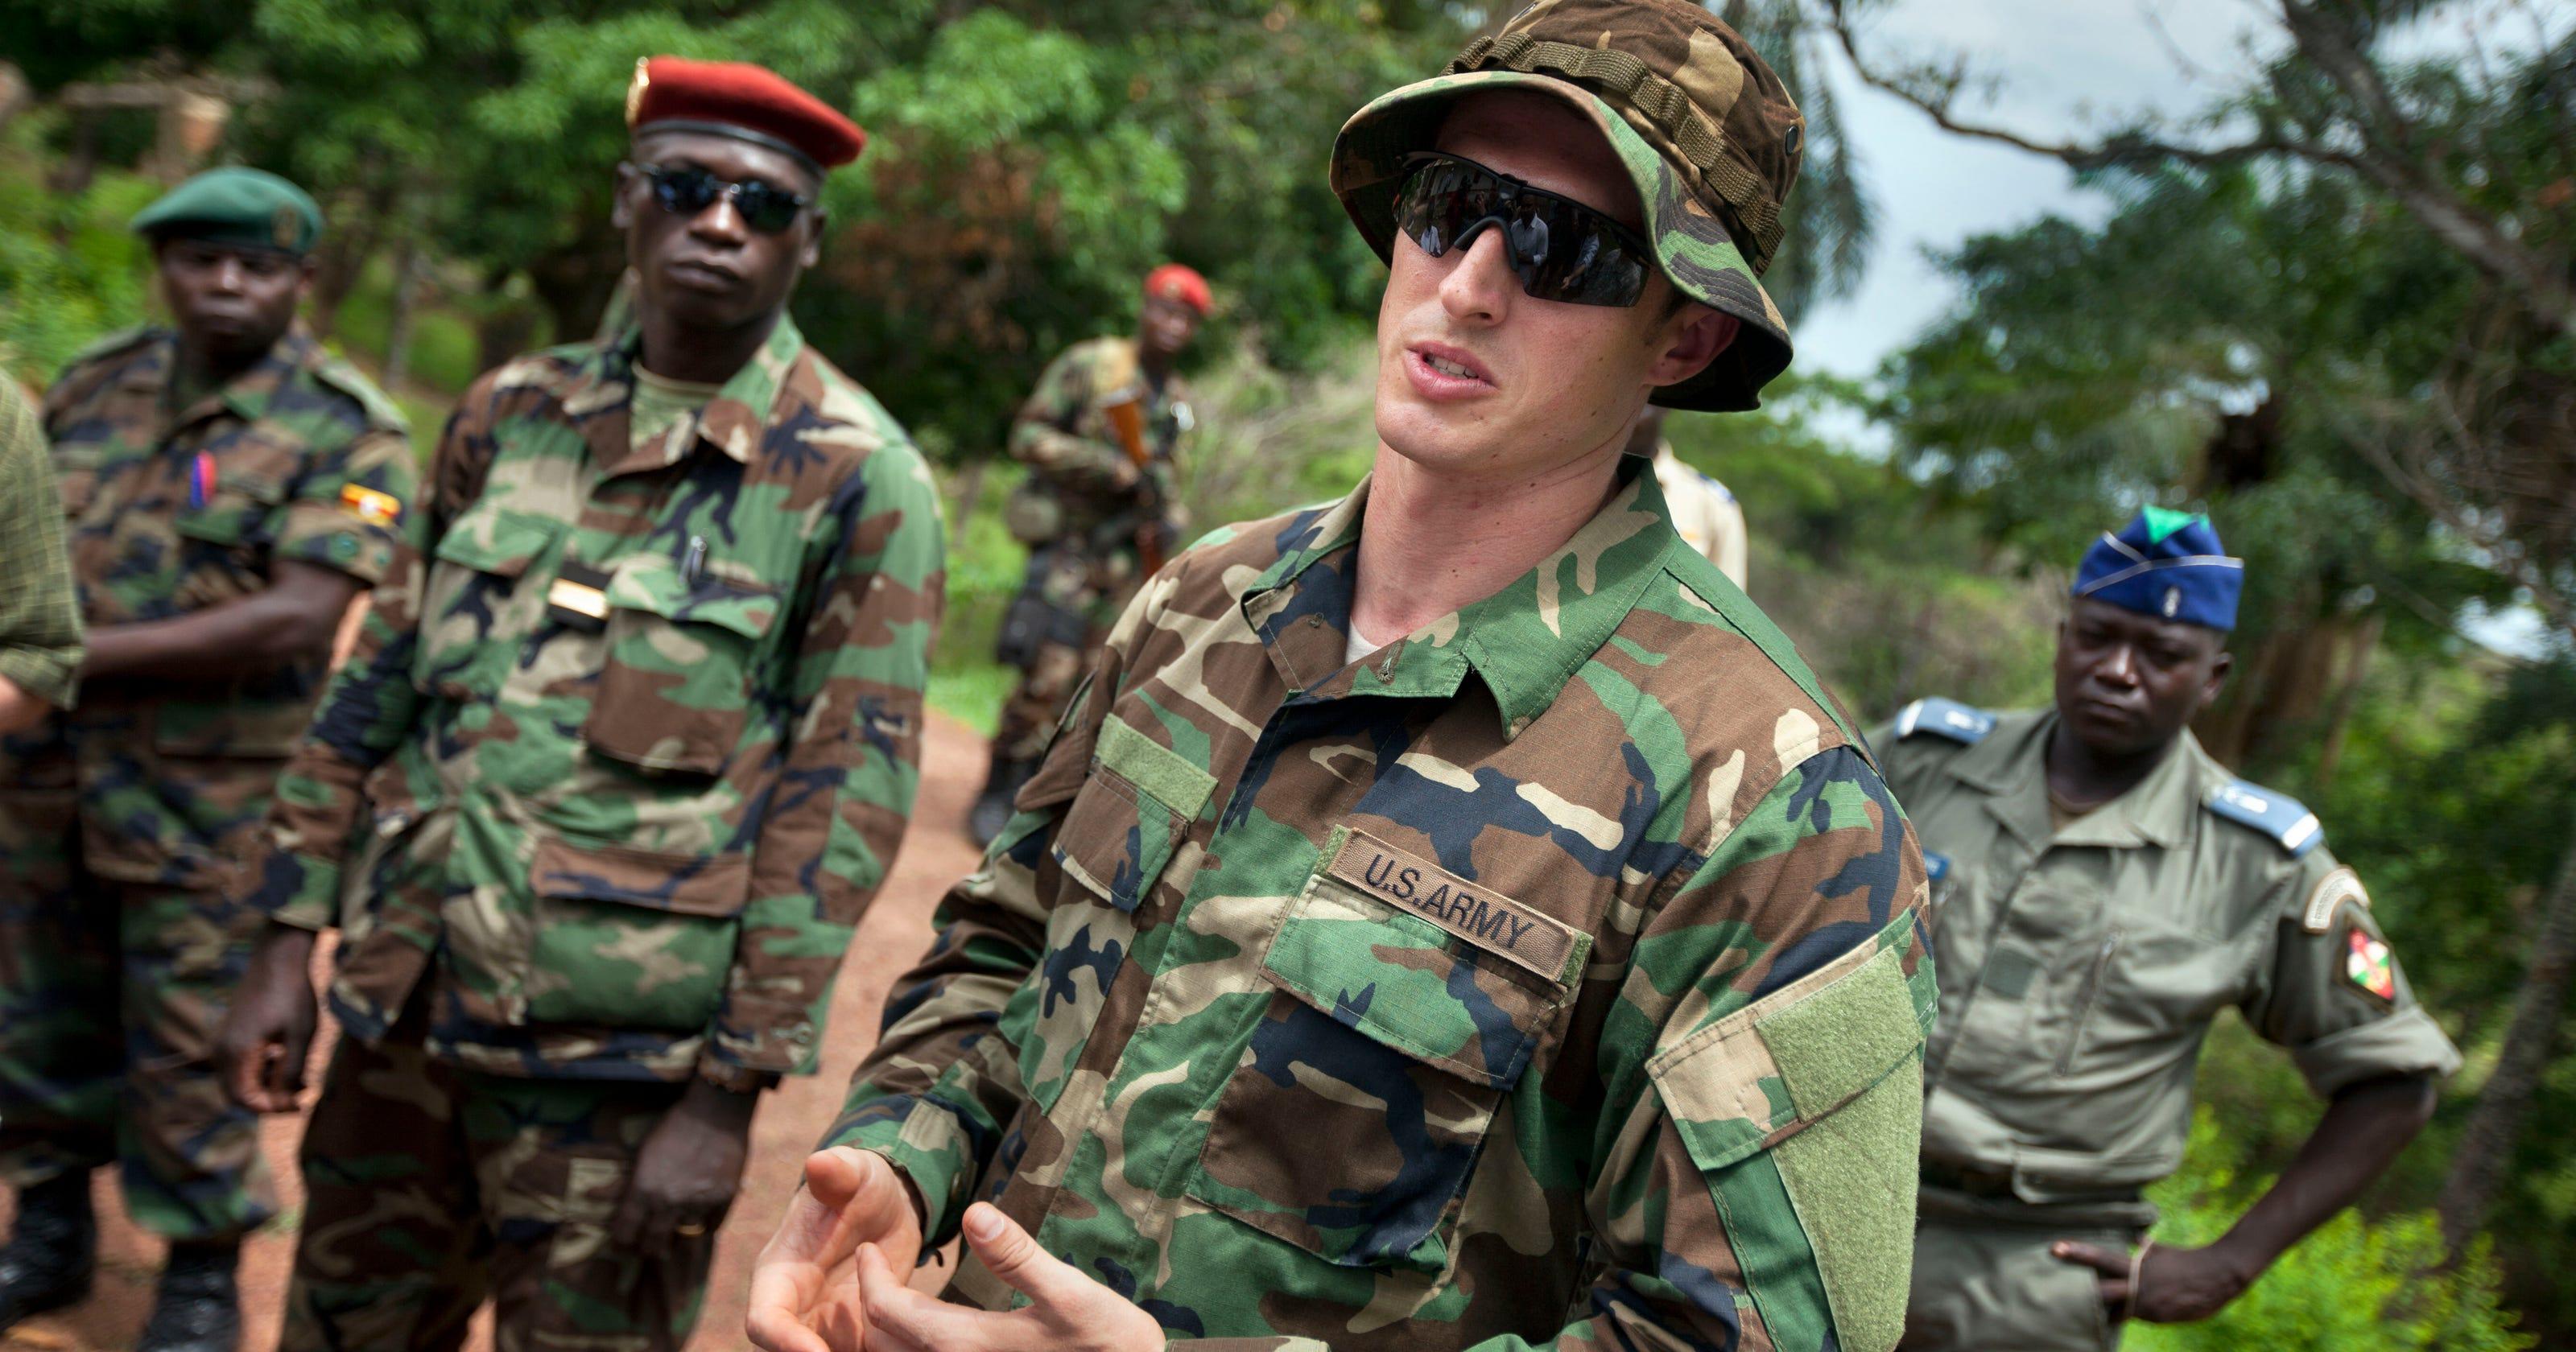 new arrival 11082 46d1a Pentagon s elite forces lack diversity